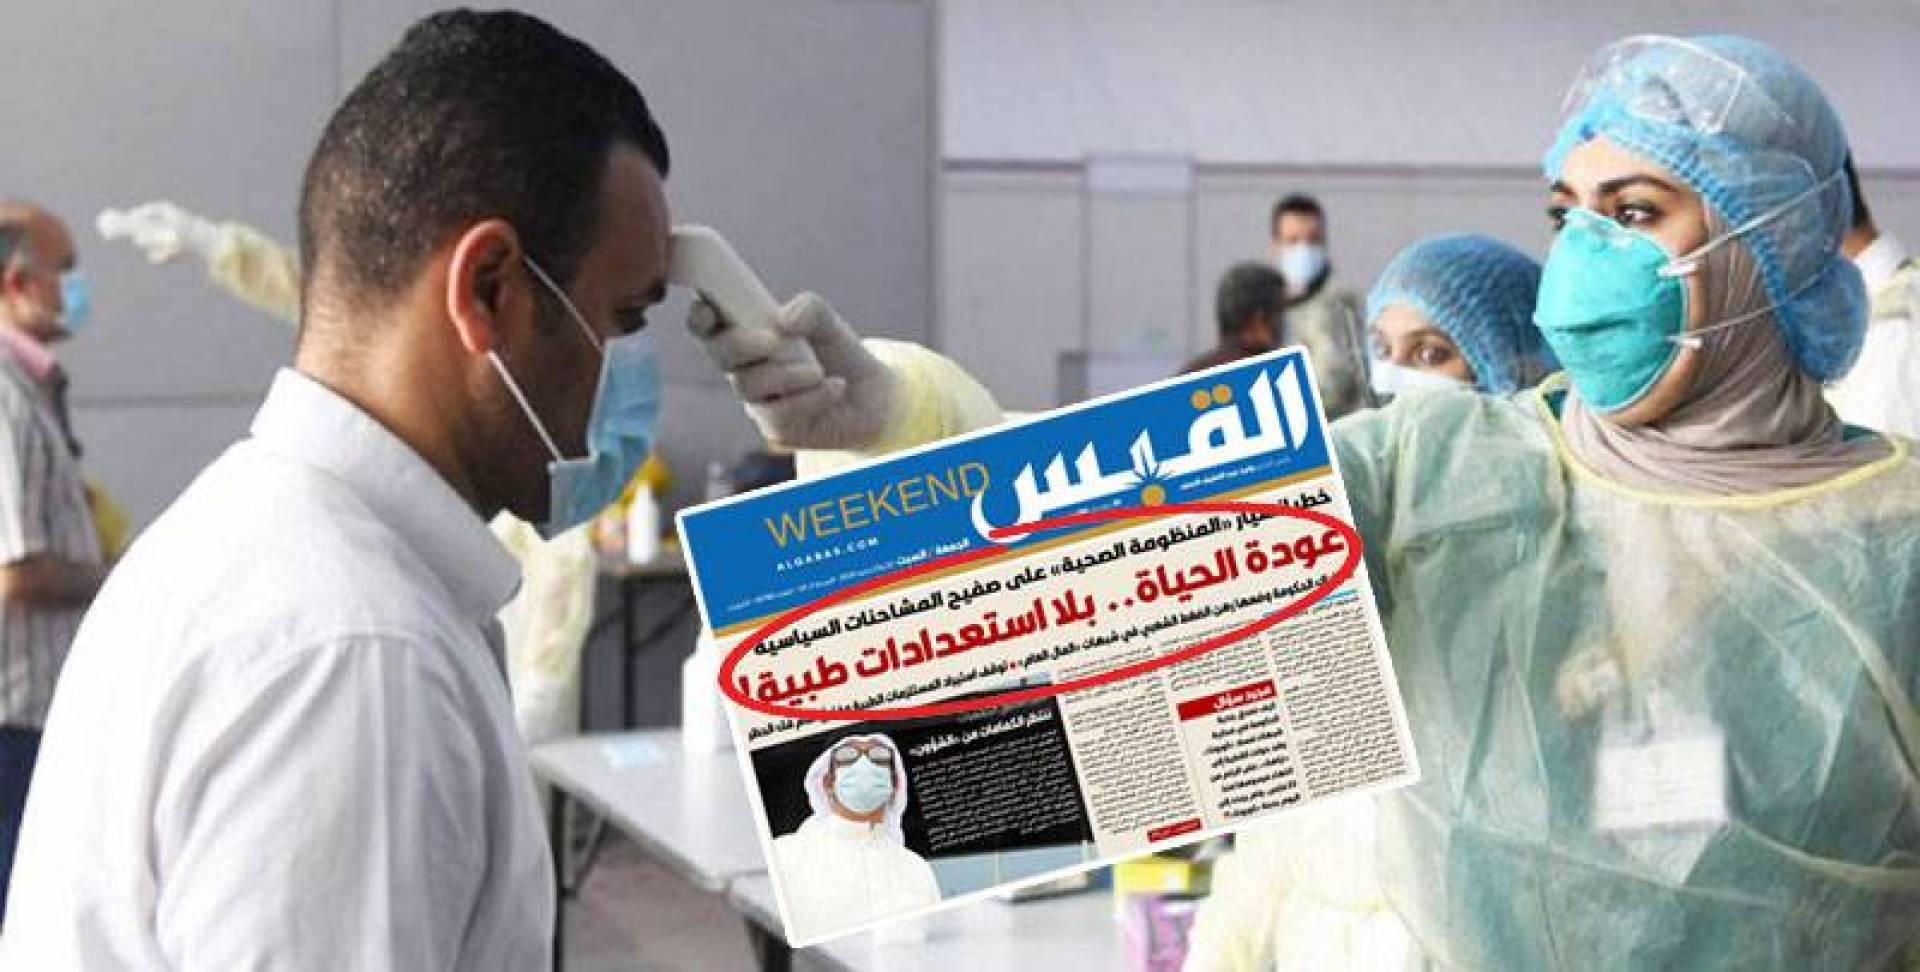 «الجمعية الطبية» لـ«المحاسبة»: أنقذوا الكوادر الصحية بتسريع شراء أدوات حمايتهم